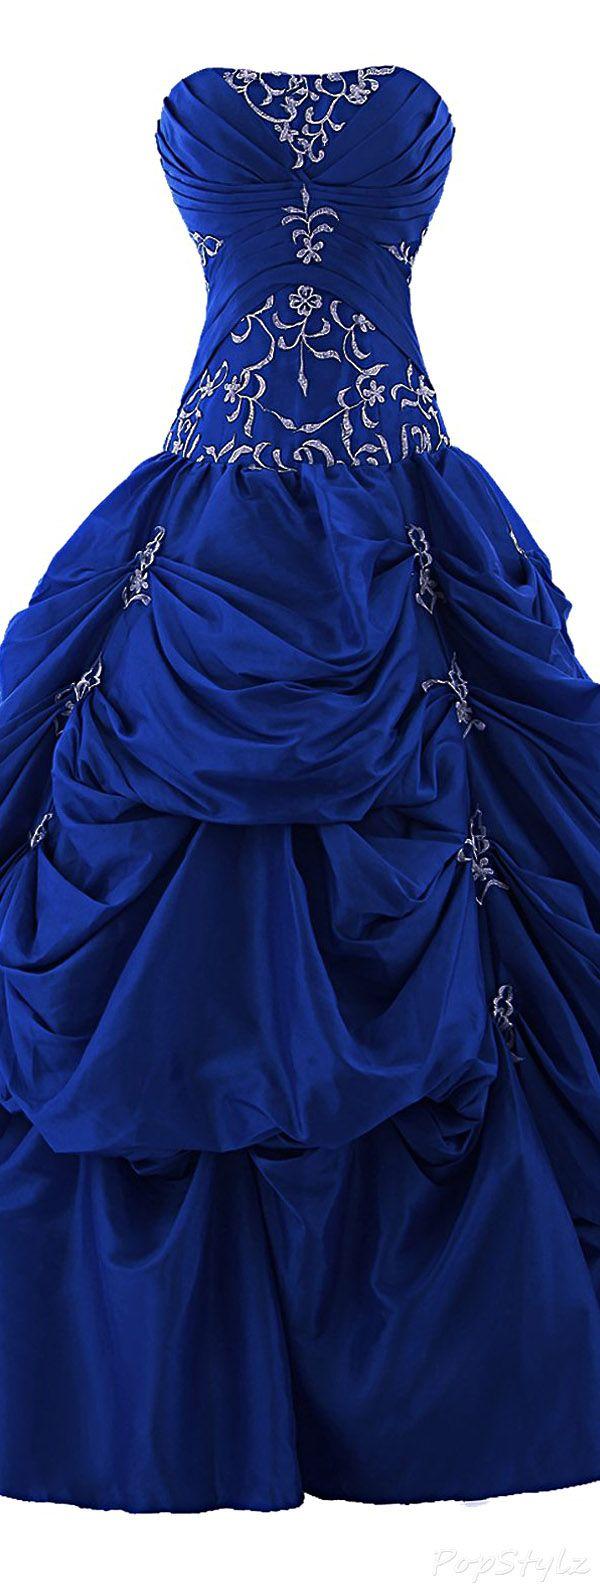 Best 25+ Olive prom dresses ideas on Pinterest | Olive bridesmaid ...